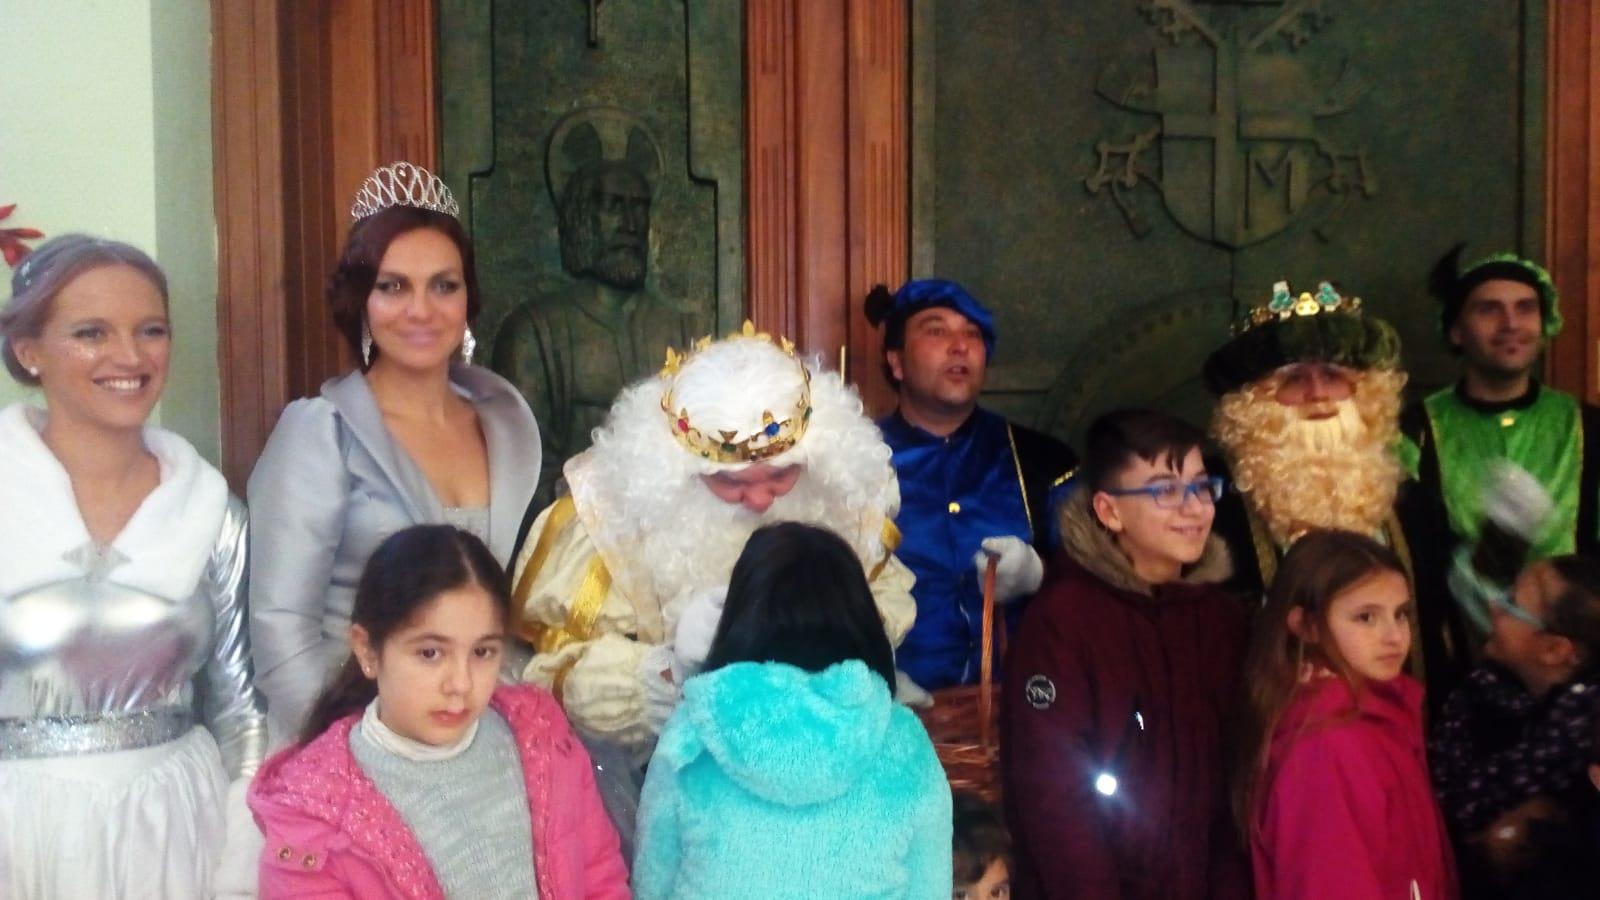 Visita SS.MM Los Reyes Magos por Huelva 05-01-2019